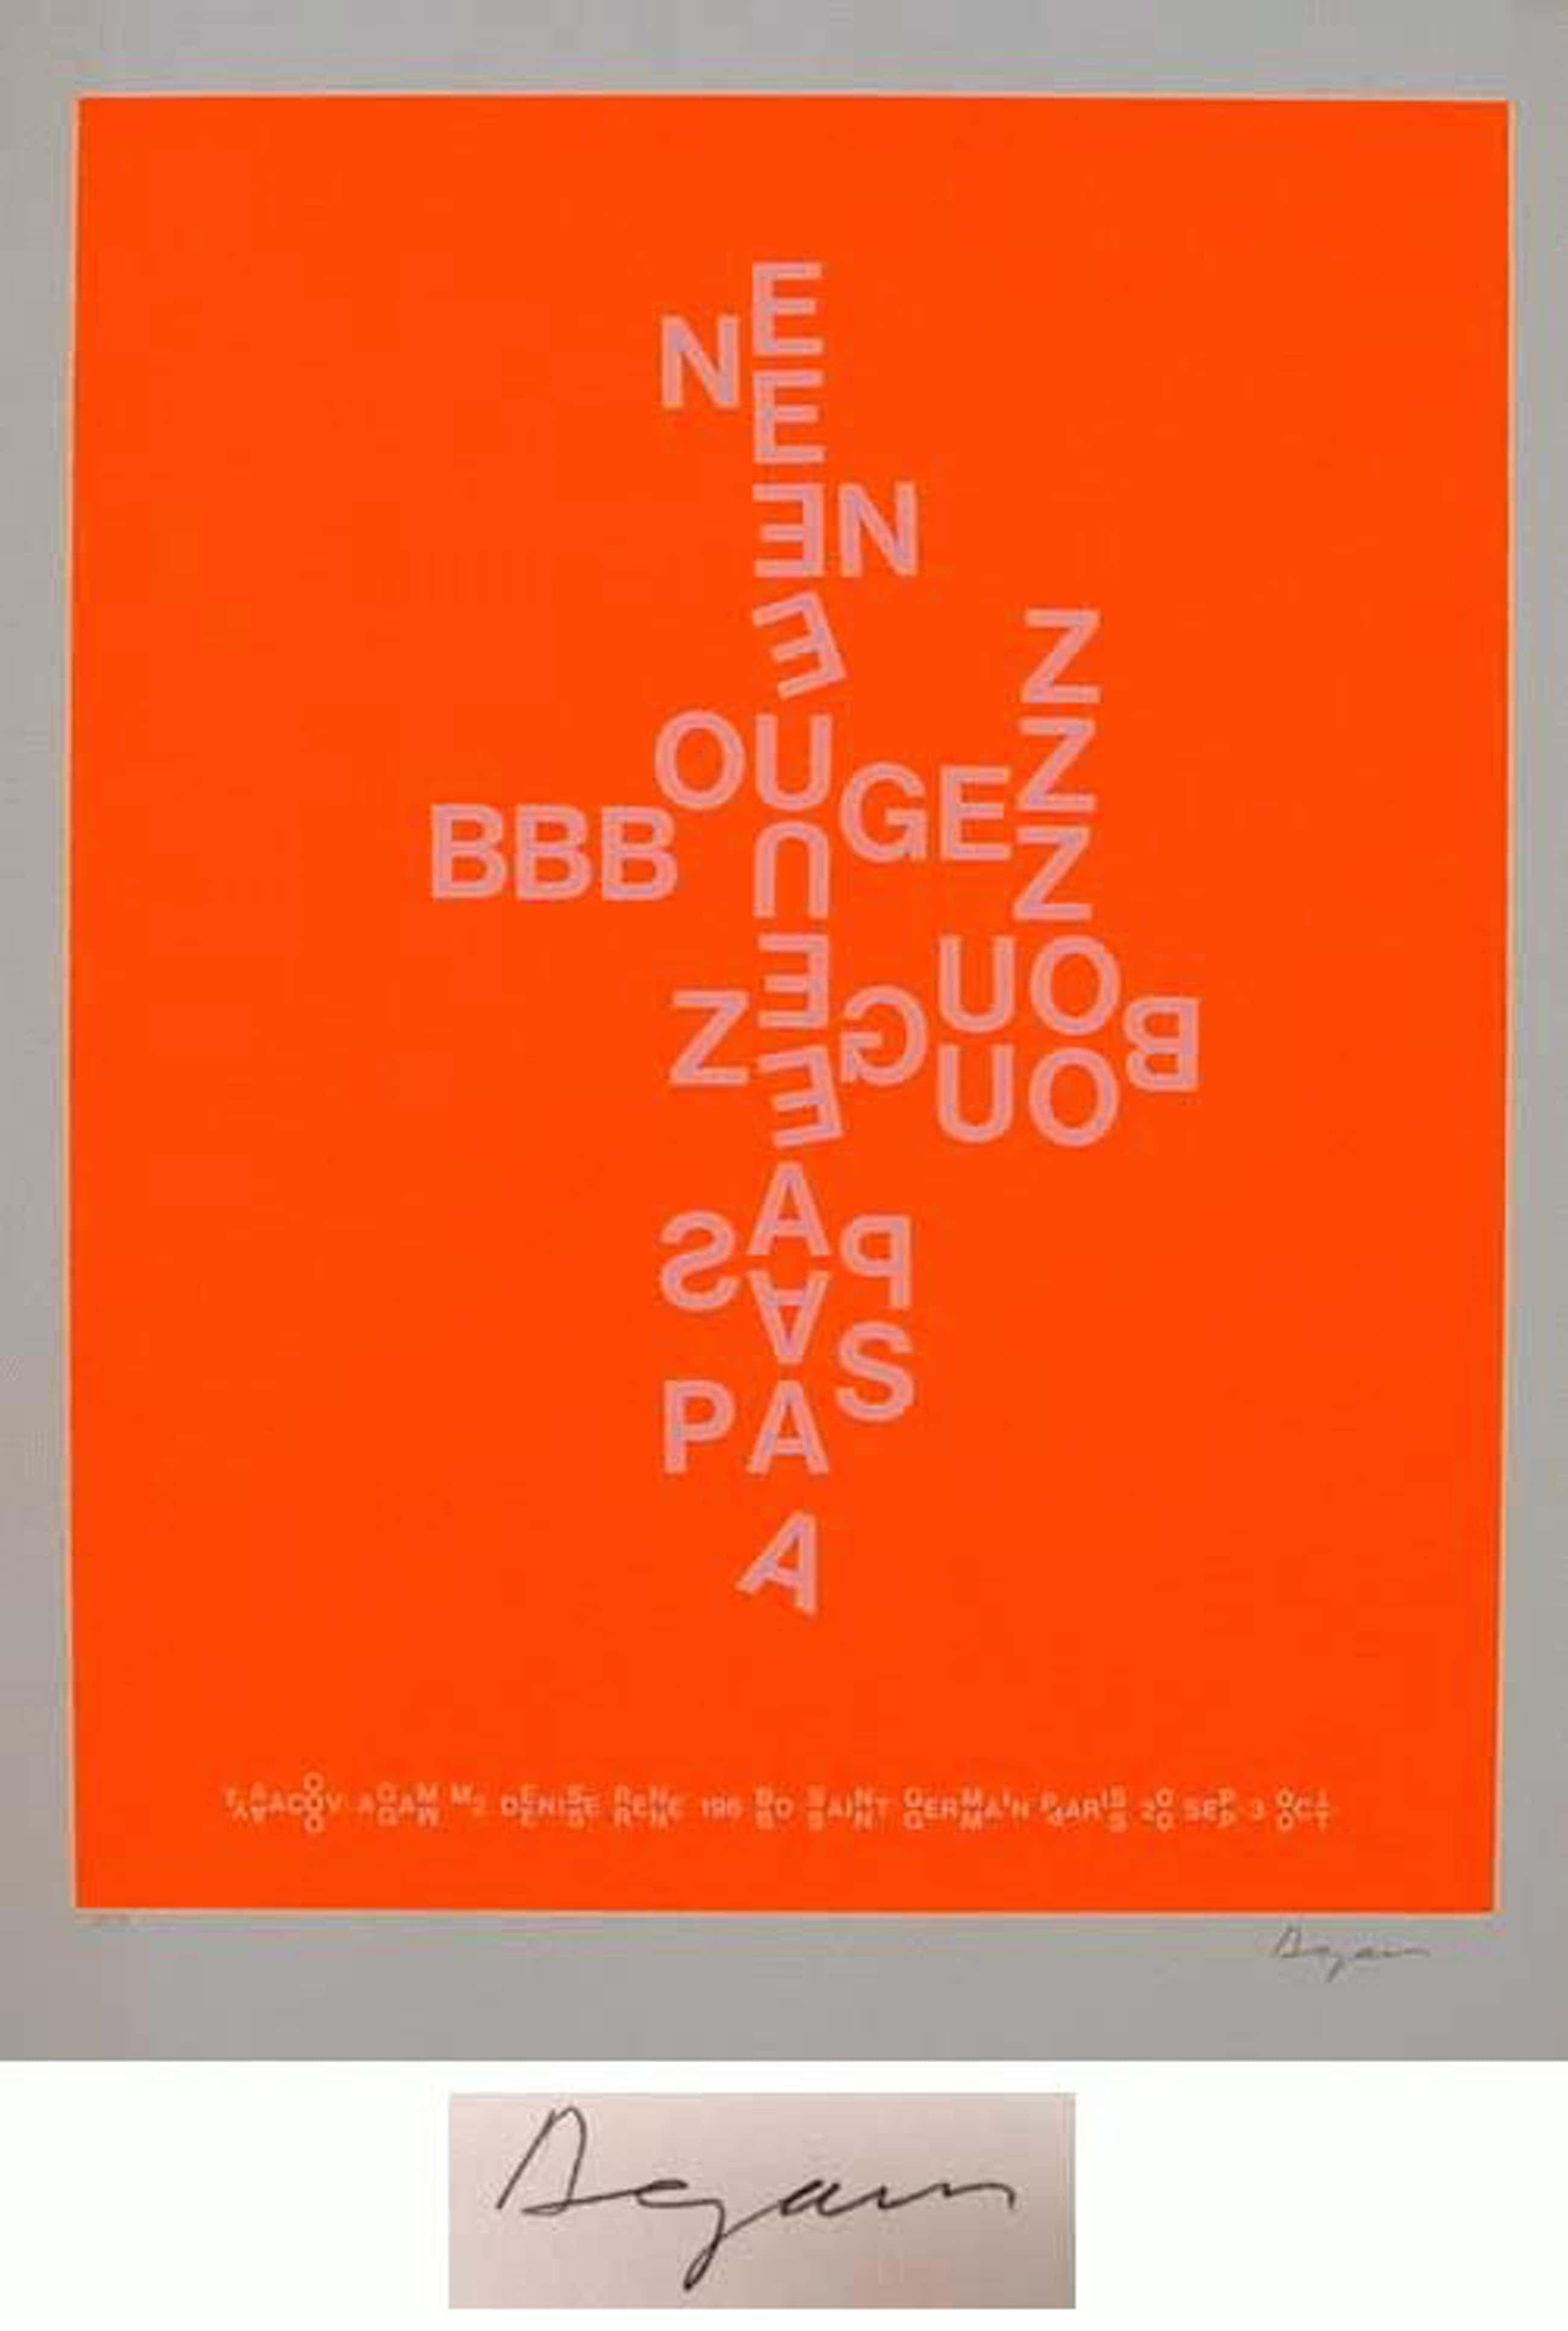 Yaacov Agam - NE BOUGEZ PAS - ORANGE- Farbserigrafie, handsigniert und nummeriert kopen? Bied vanaf 240!